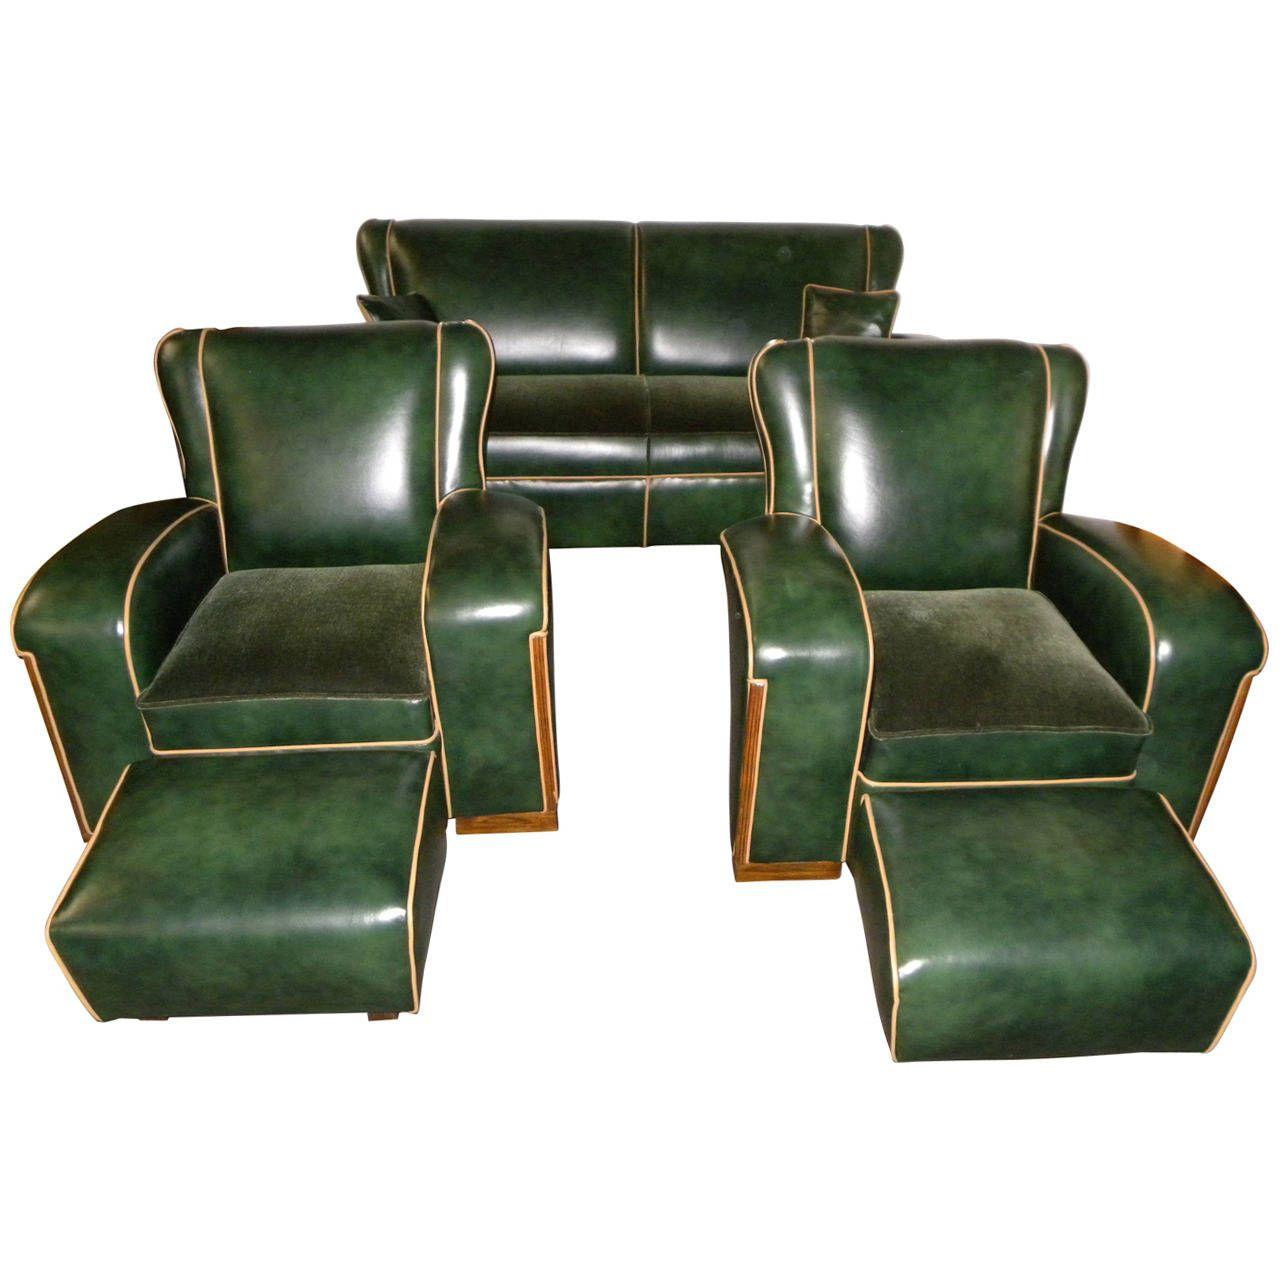 Unique Art Deco Sofa Suite Art Deco Sofa Art Deco And Unique # Muebles Tubulares Ponce